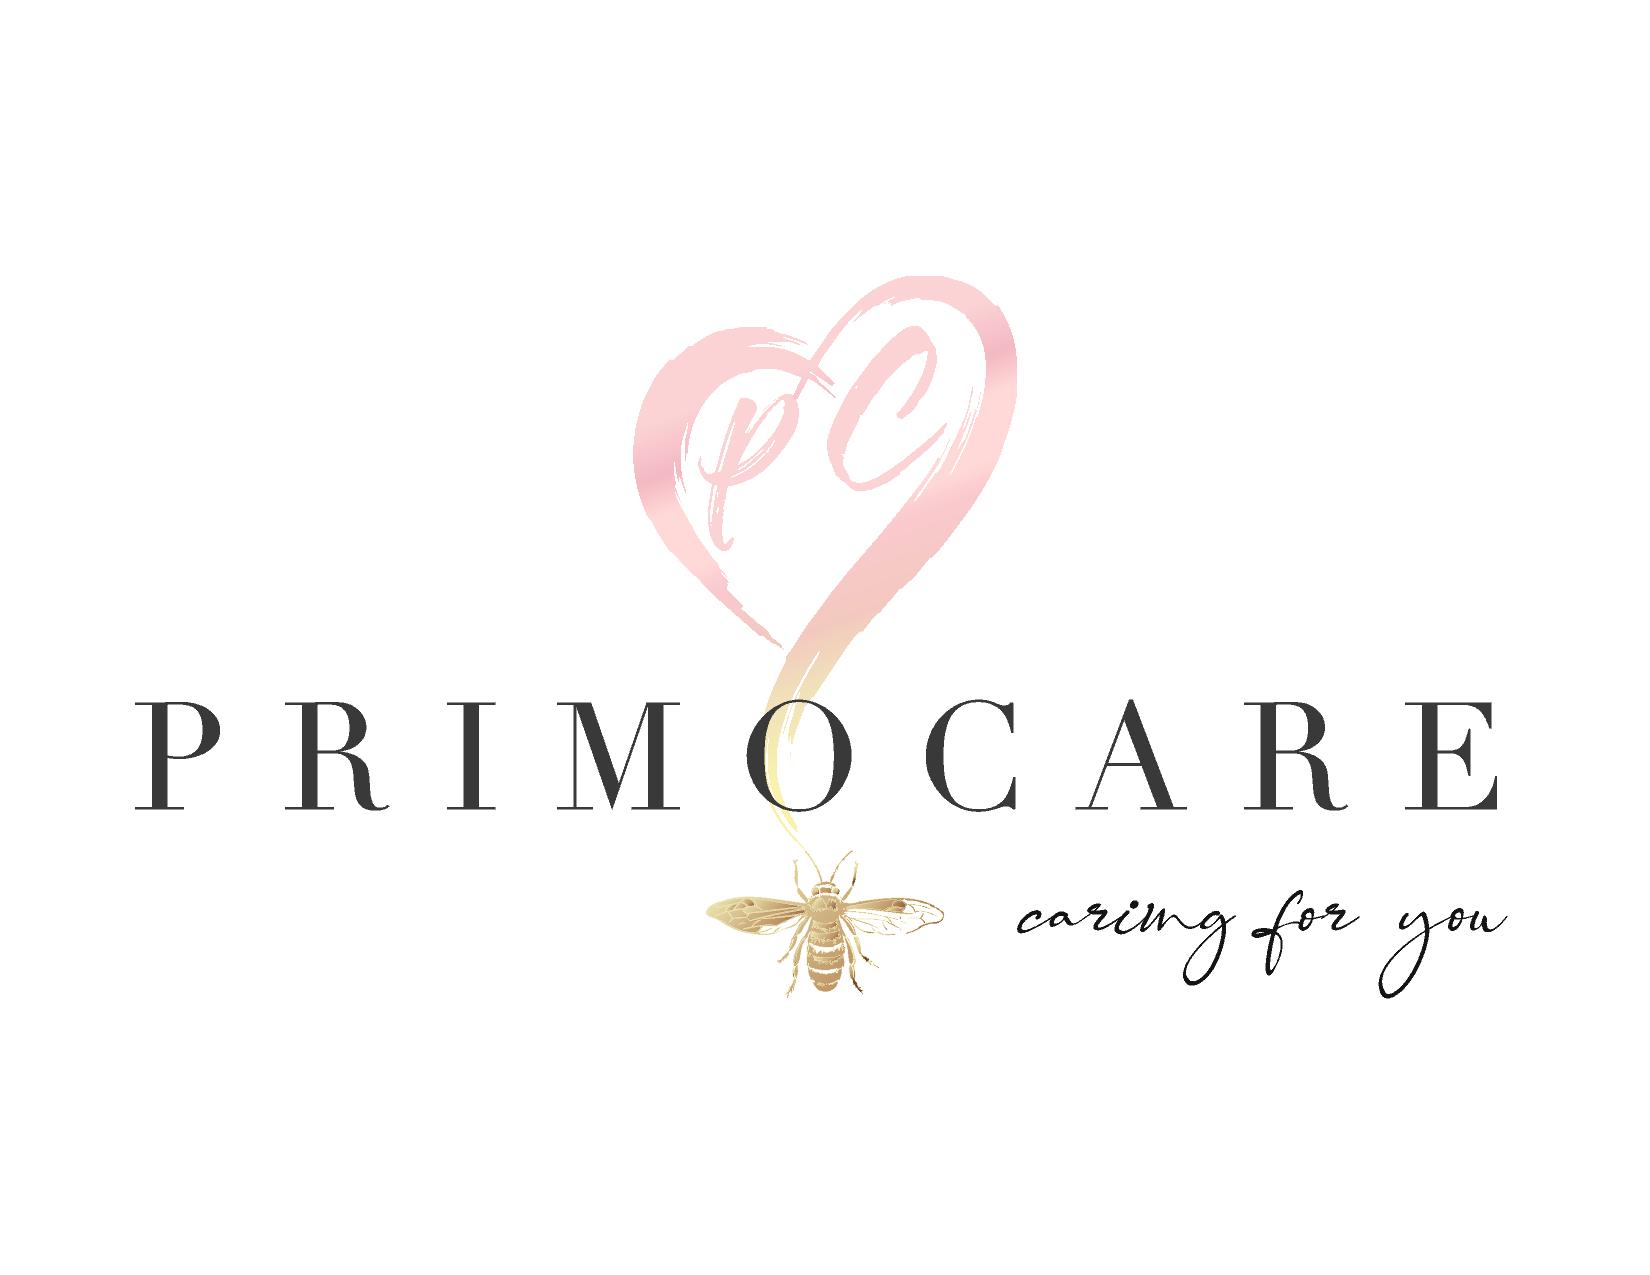 Primocaremy